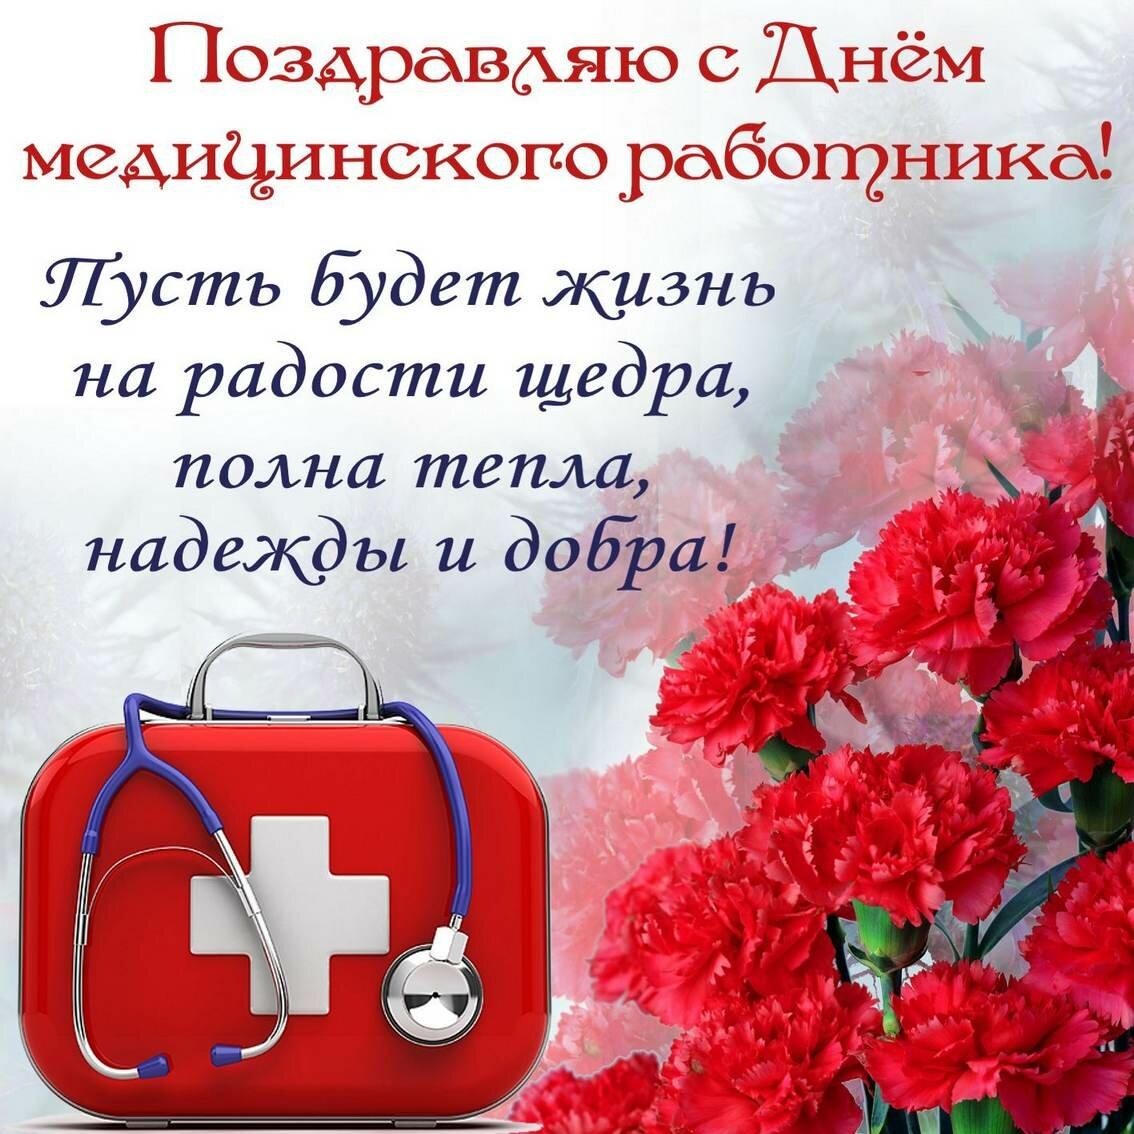 Значки, открытки день медицинского работника в 2017 году в россии